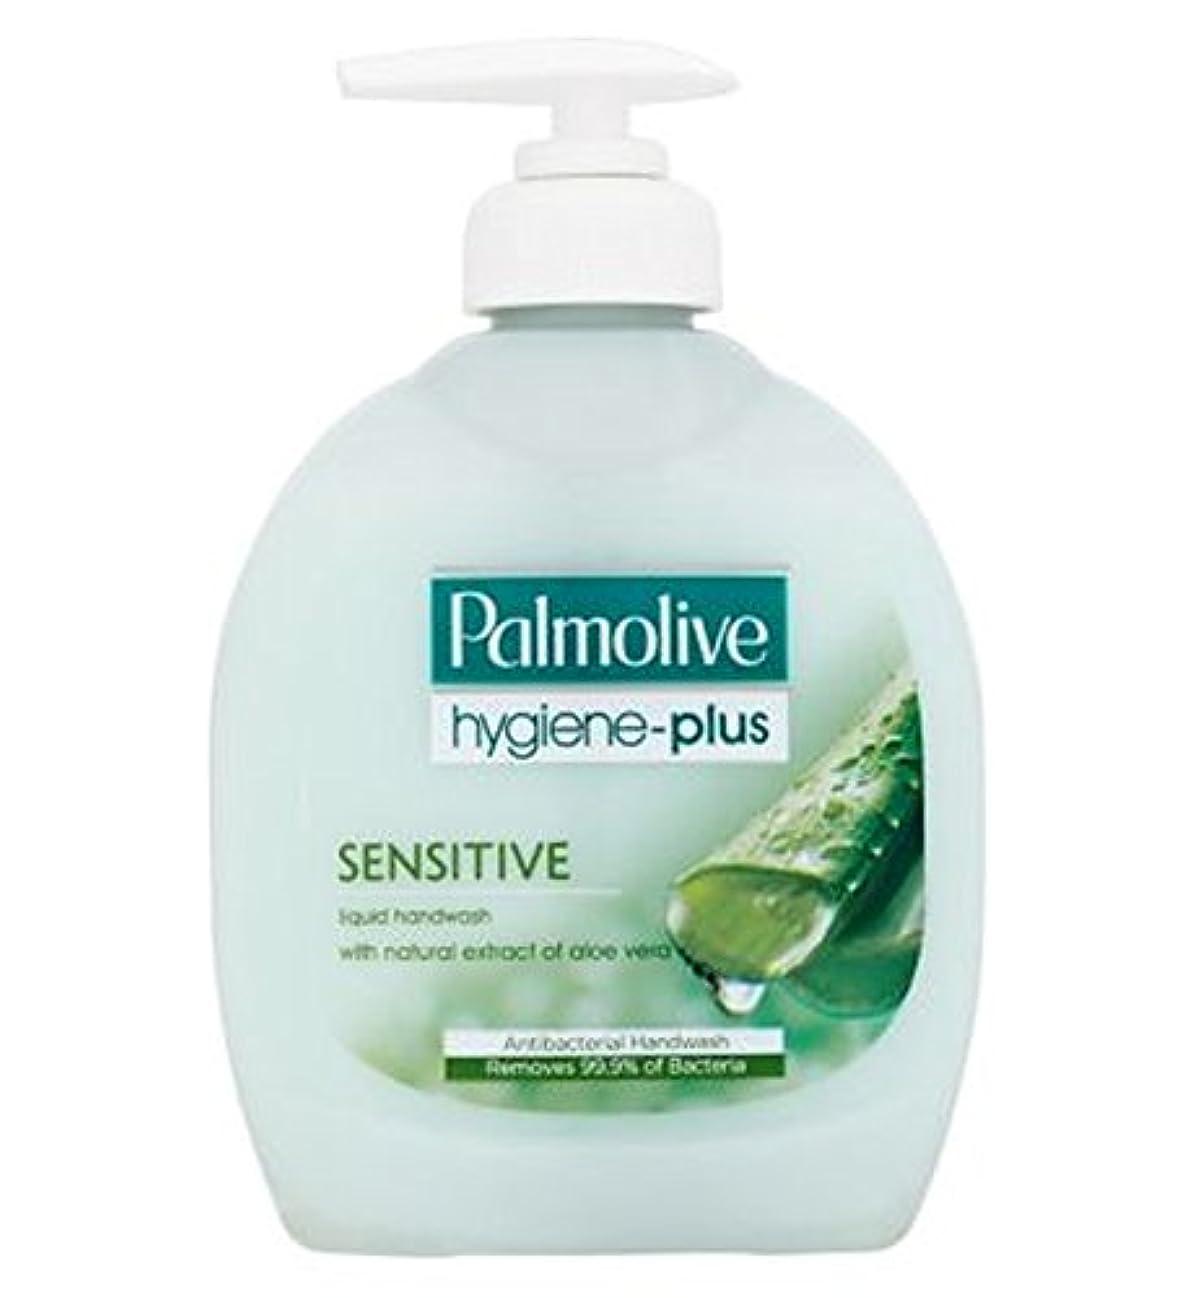 一月ピア件名Palmolive Hygiene Plus Sensitive Handwash - パルモ衛生プラス敏感手洗い (Palmolive) [並行輸入品]